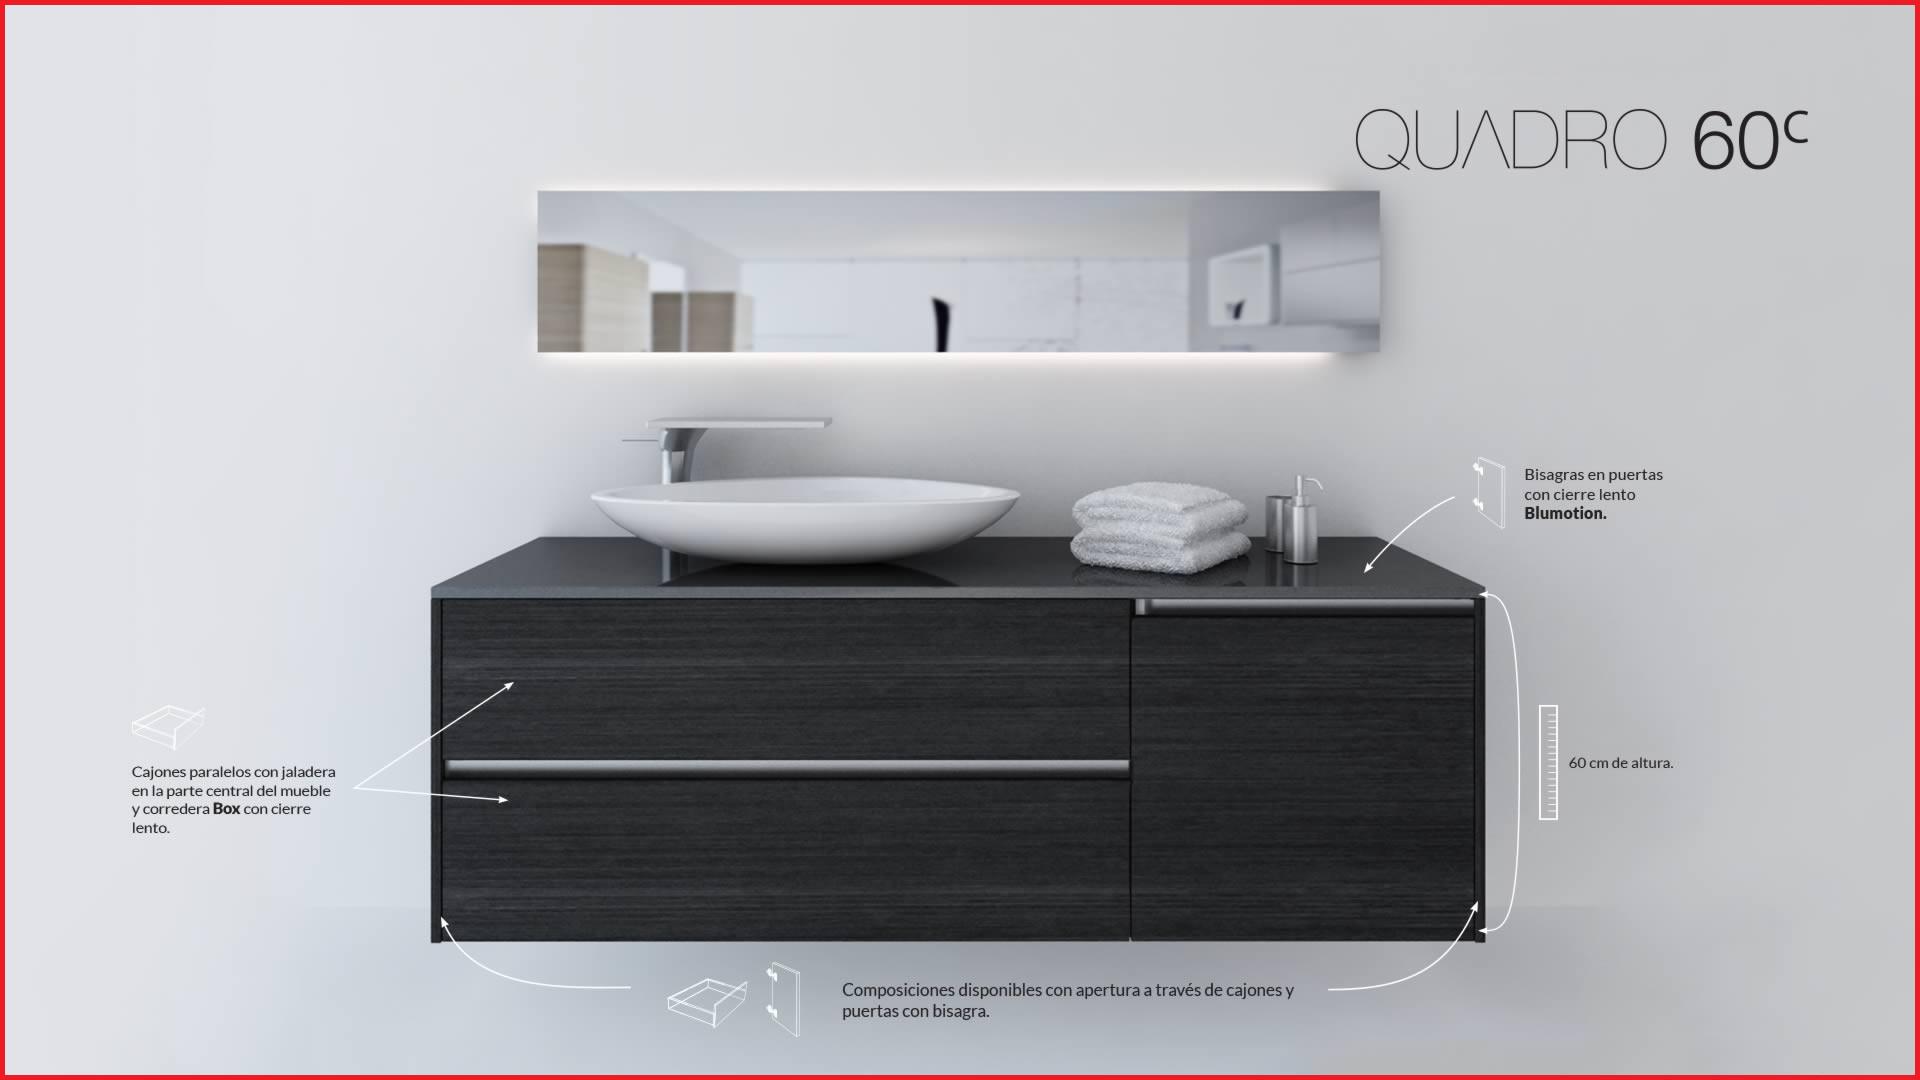 Muebles De Baño Baratos Online 9fdy Mueble Baà O Online Mueble Para BaO 23 Elegante Mueble Para